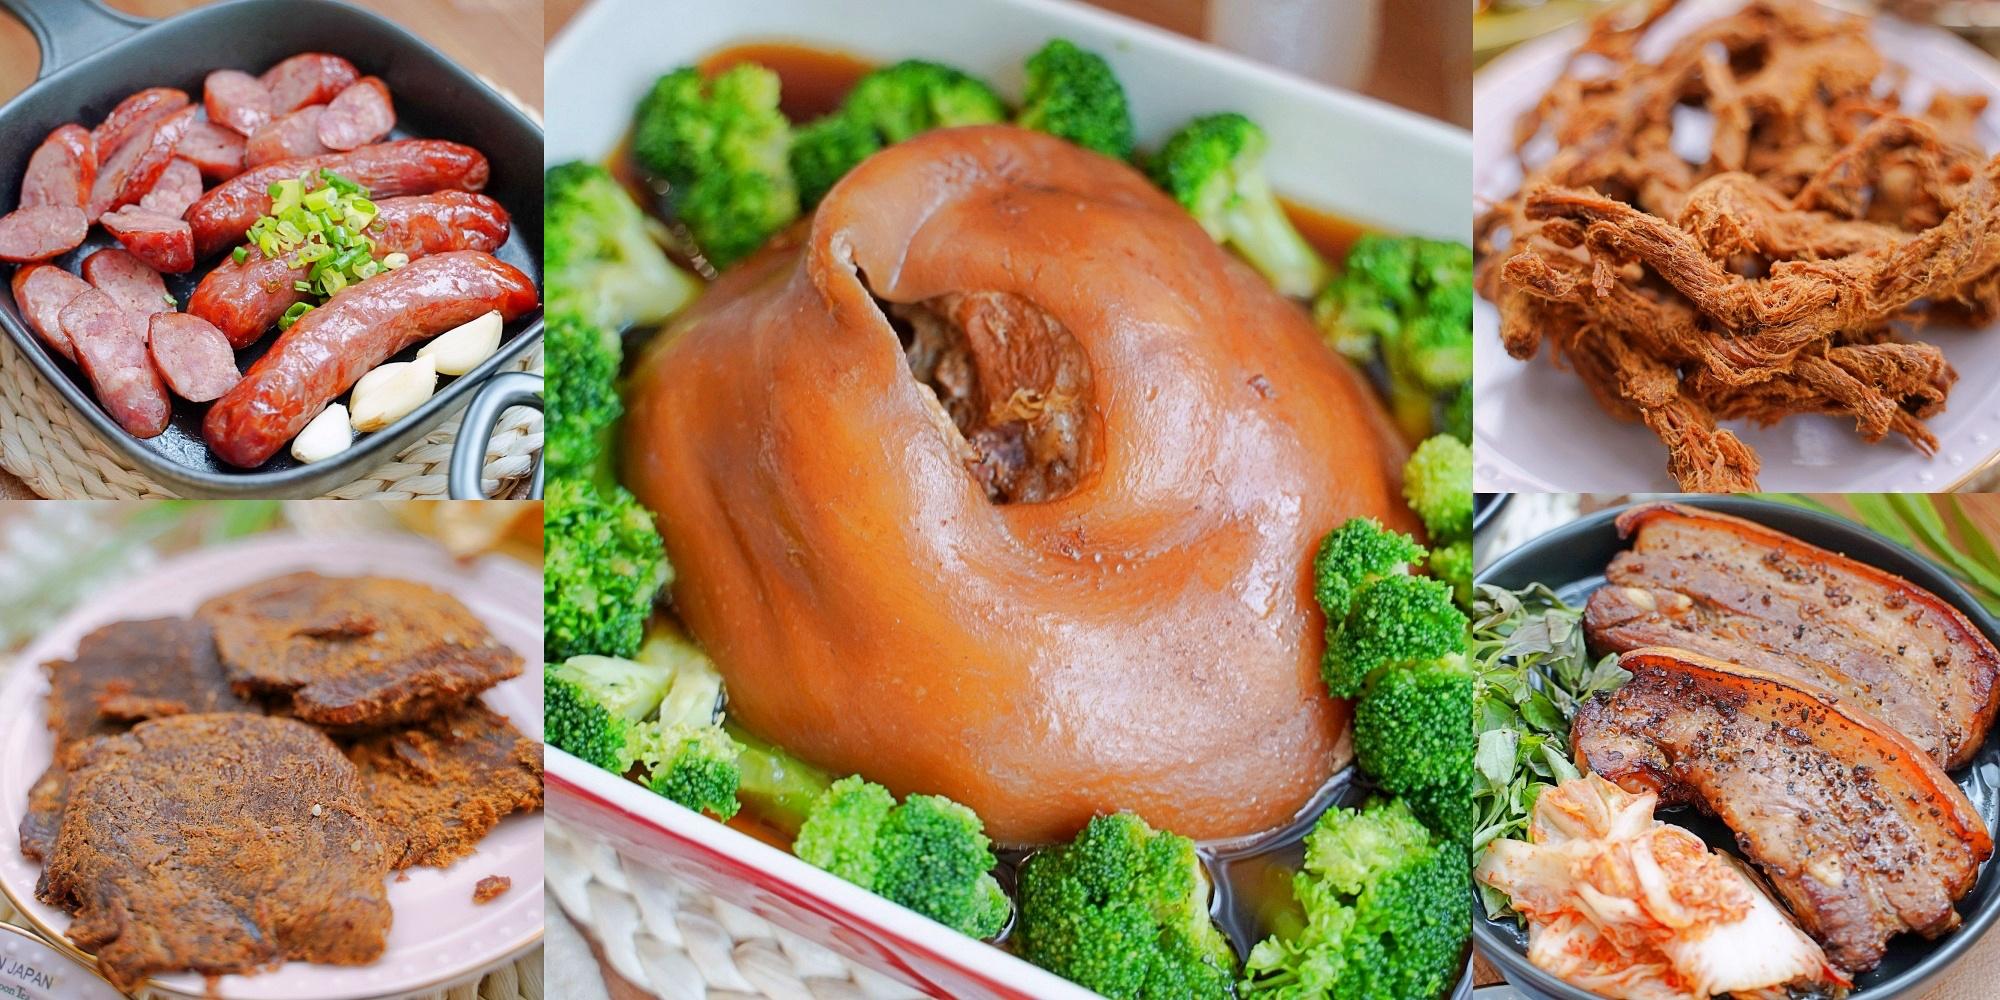 陞煇食品-豬肉的專門家 中元普渡拜拜供品 中元普渡供品線上買(食譜)